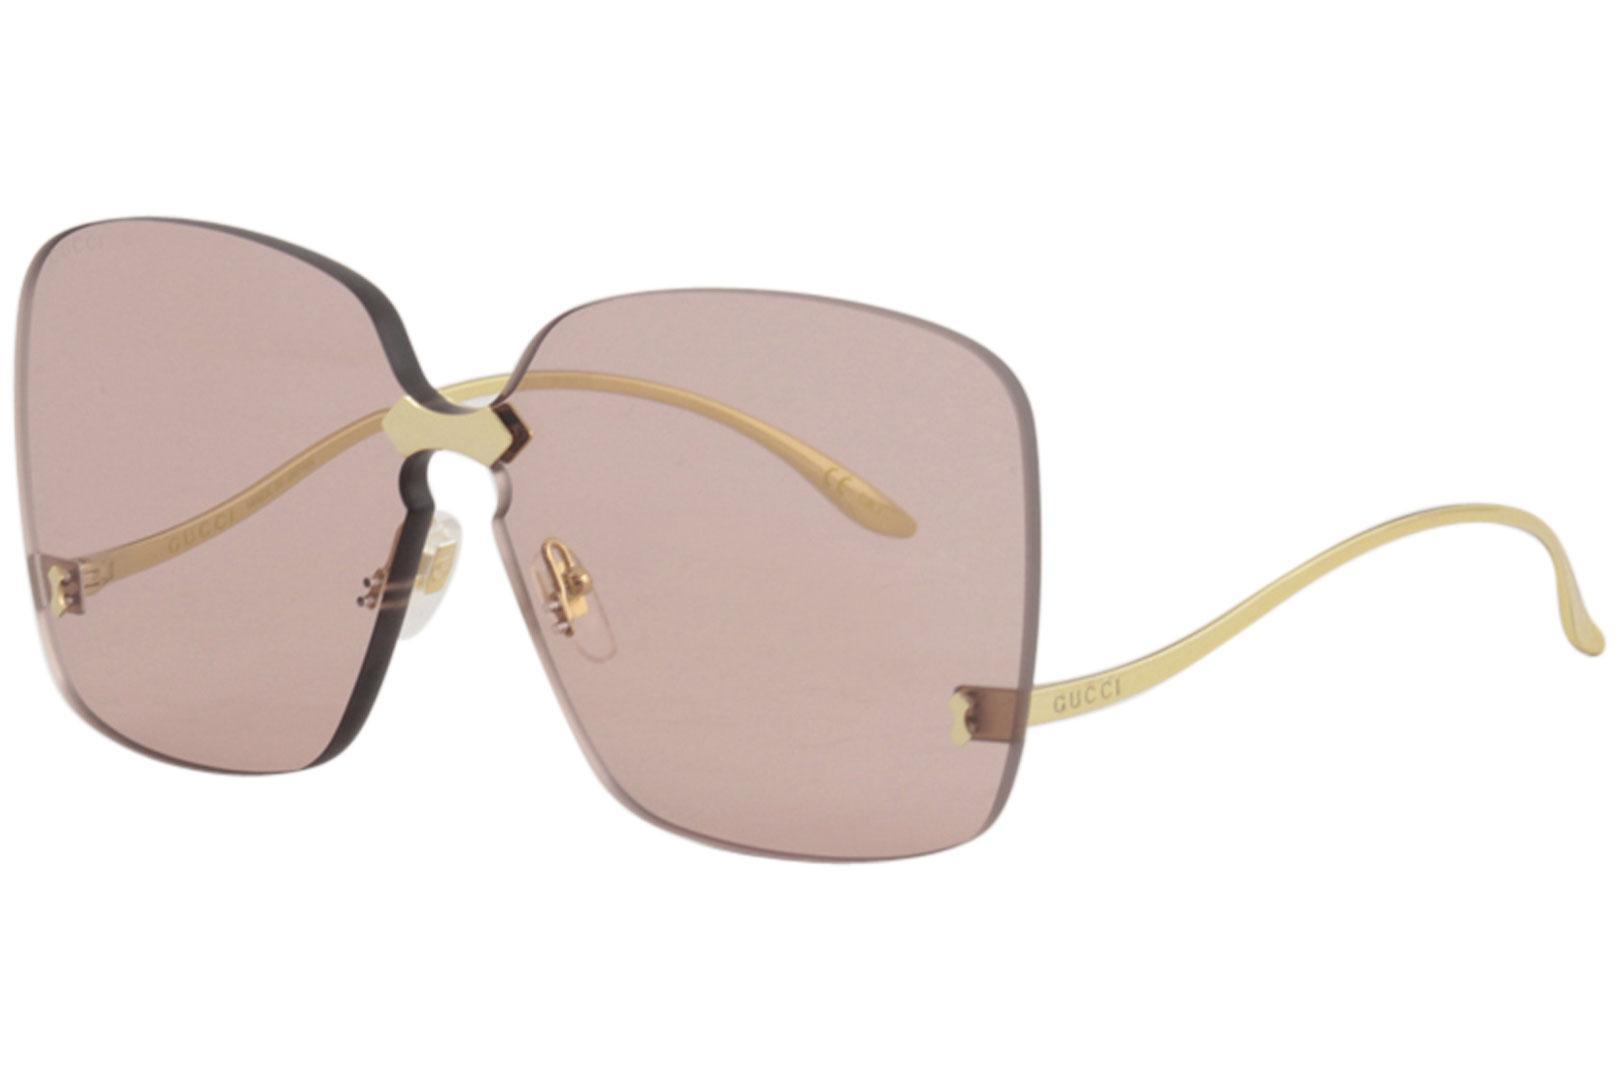 95470035656 Gucci Women s GG0352S GG 0352 S 003 Gold Fashion Square Sunglasses ...